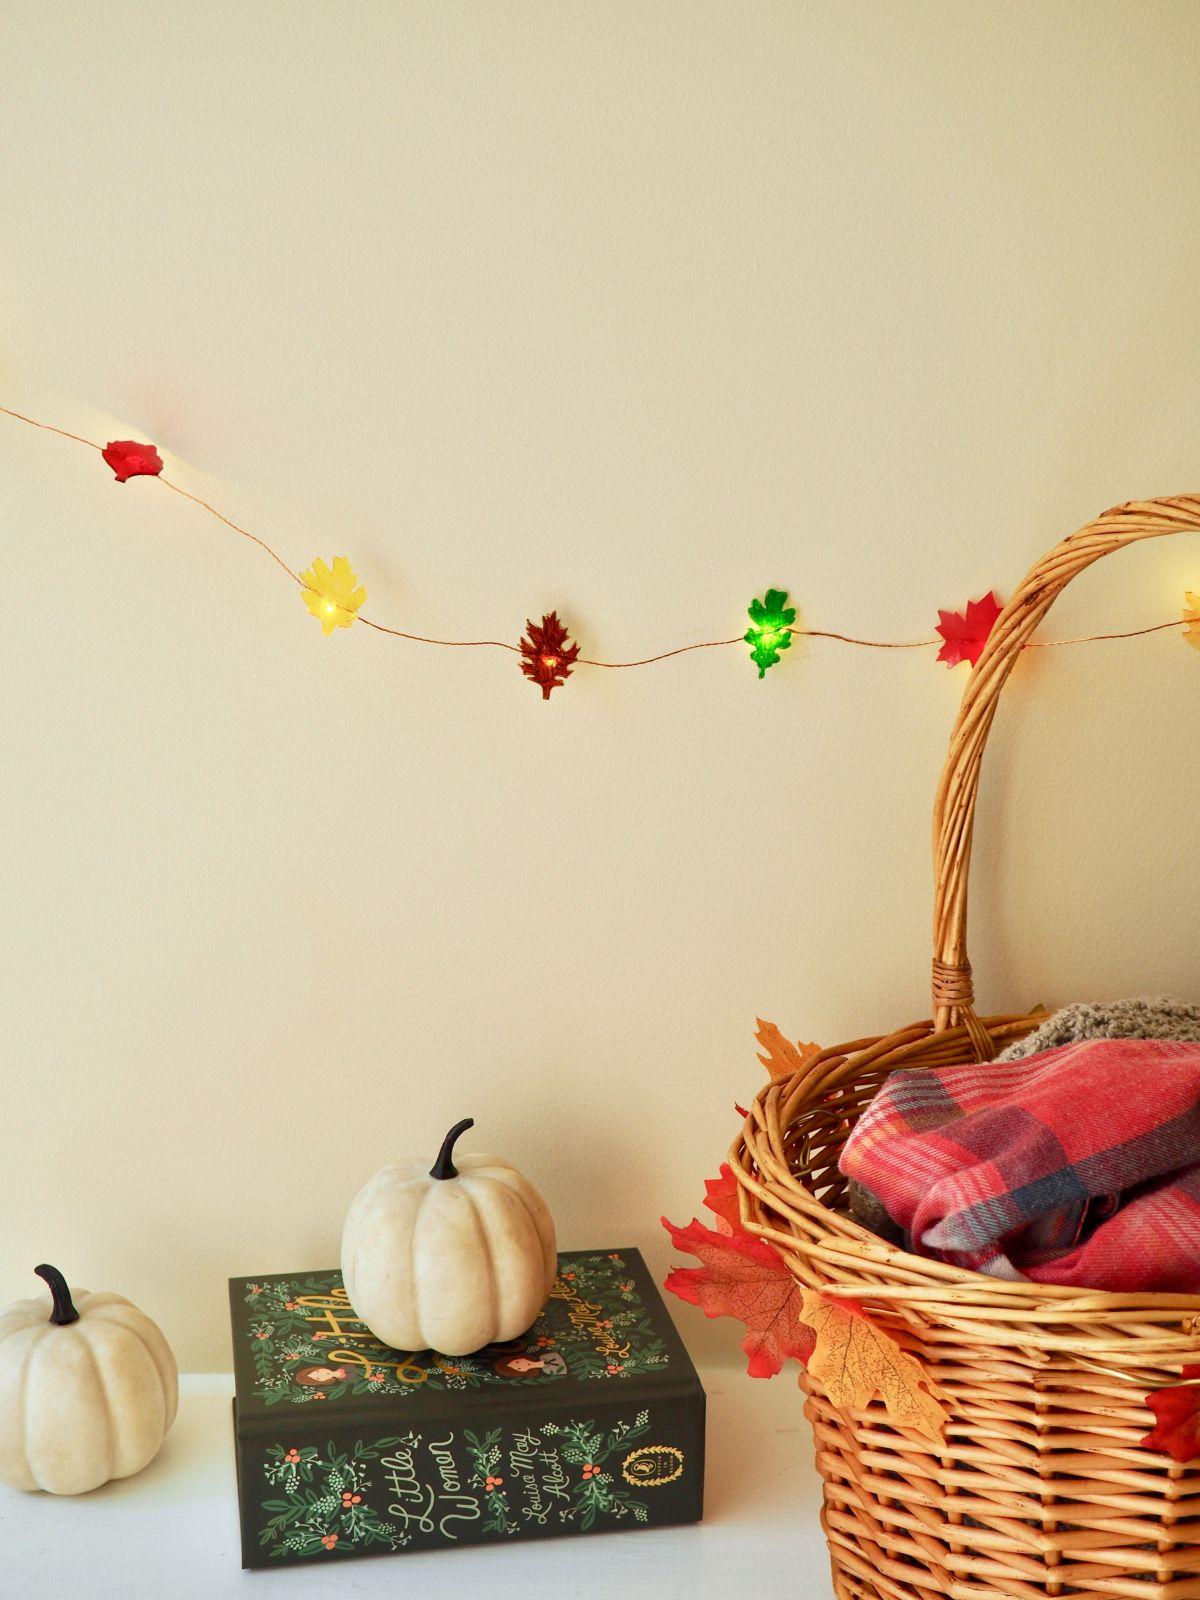 DIY leaf string lights